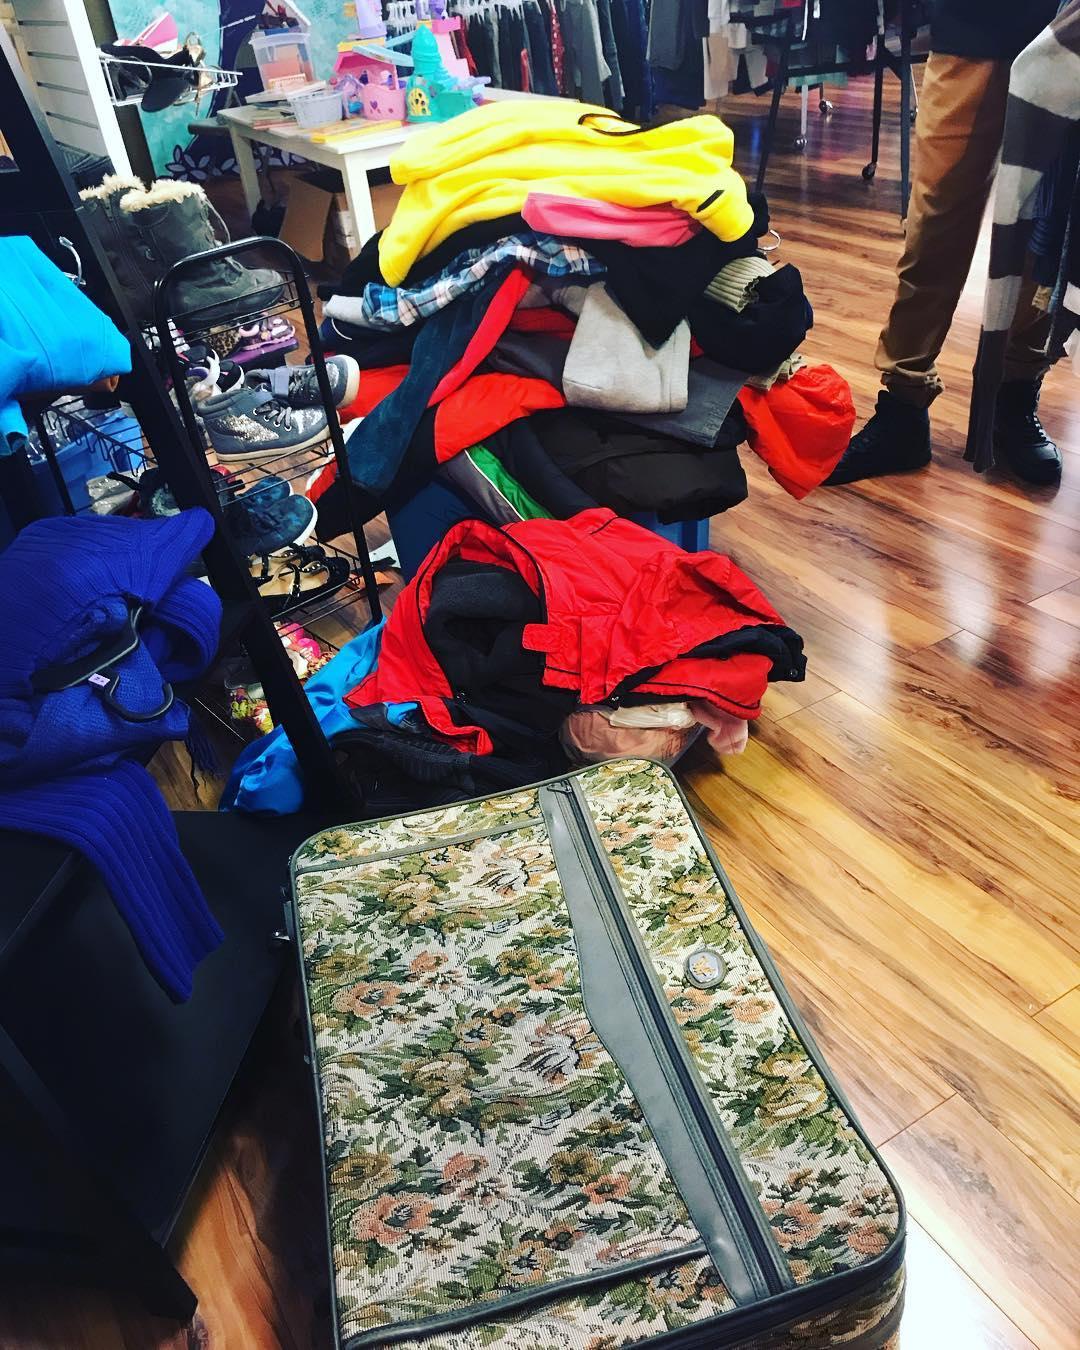 TheZe Deals Thrifty Boutique